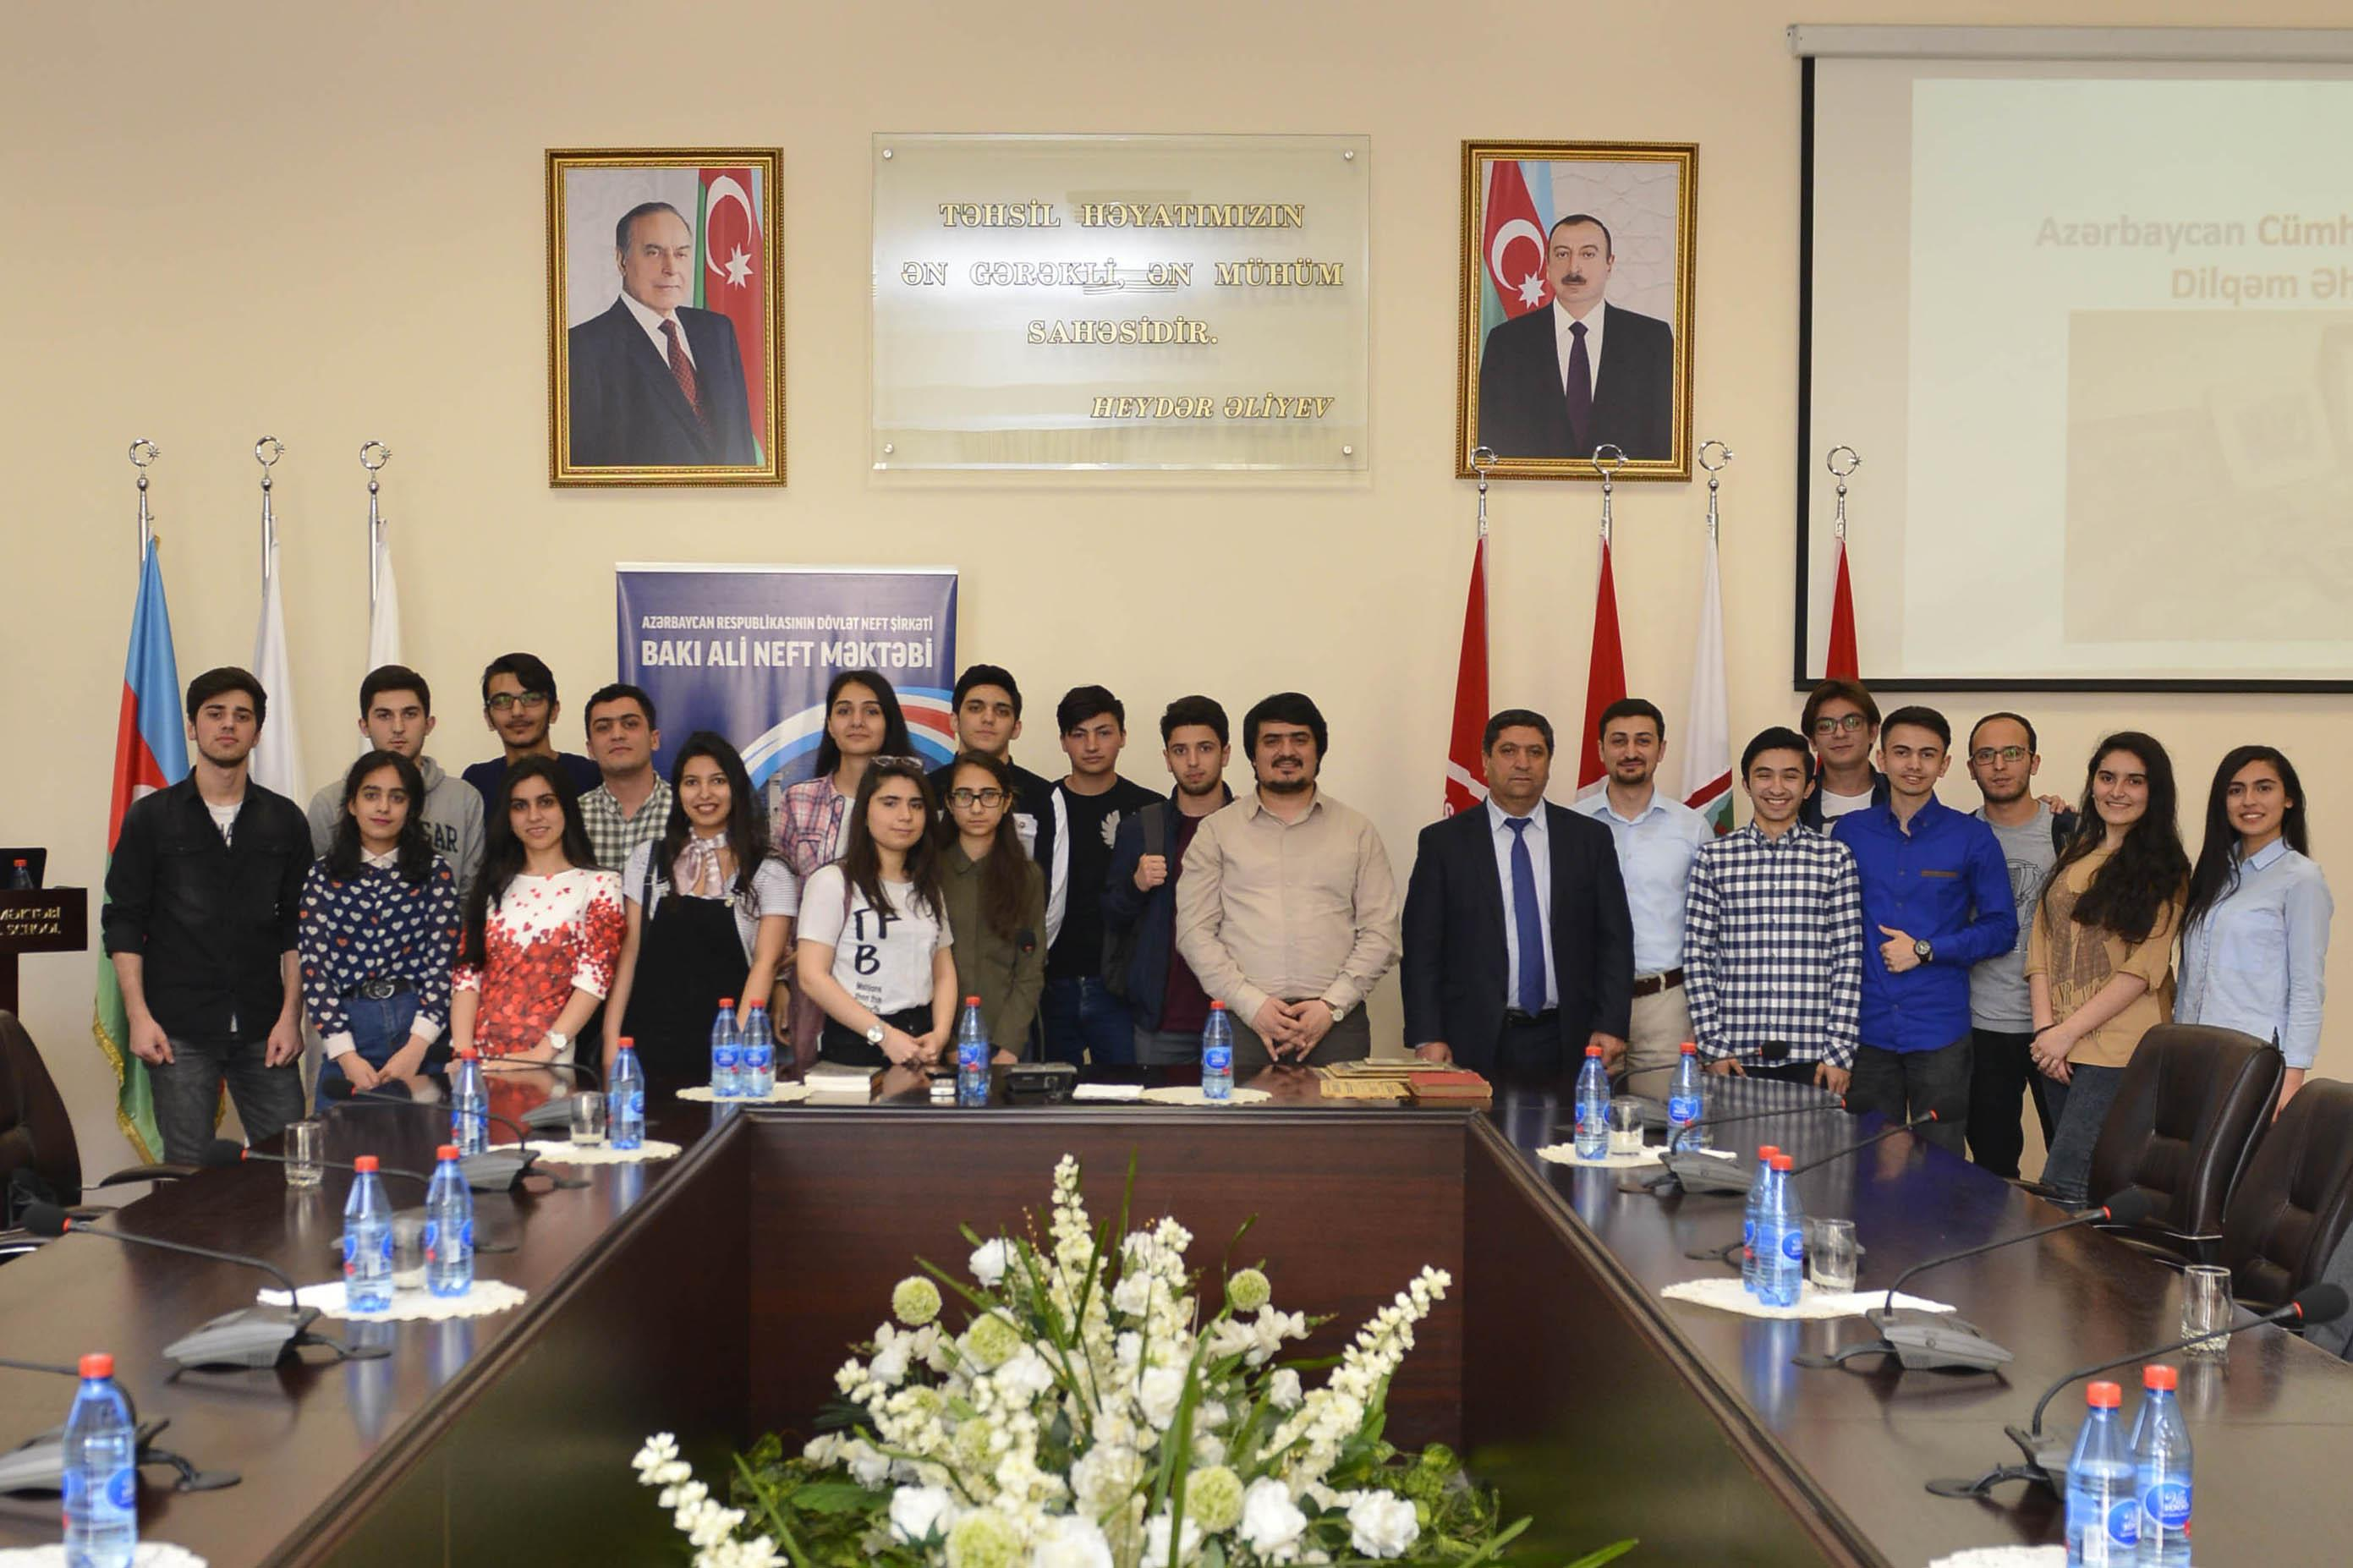 BANM-da Azərbaycan Xalq Cümhuriyyətinin yaranmasının 100 illiyinə həsr olunmuş sərgi keçirilib